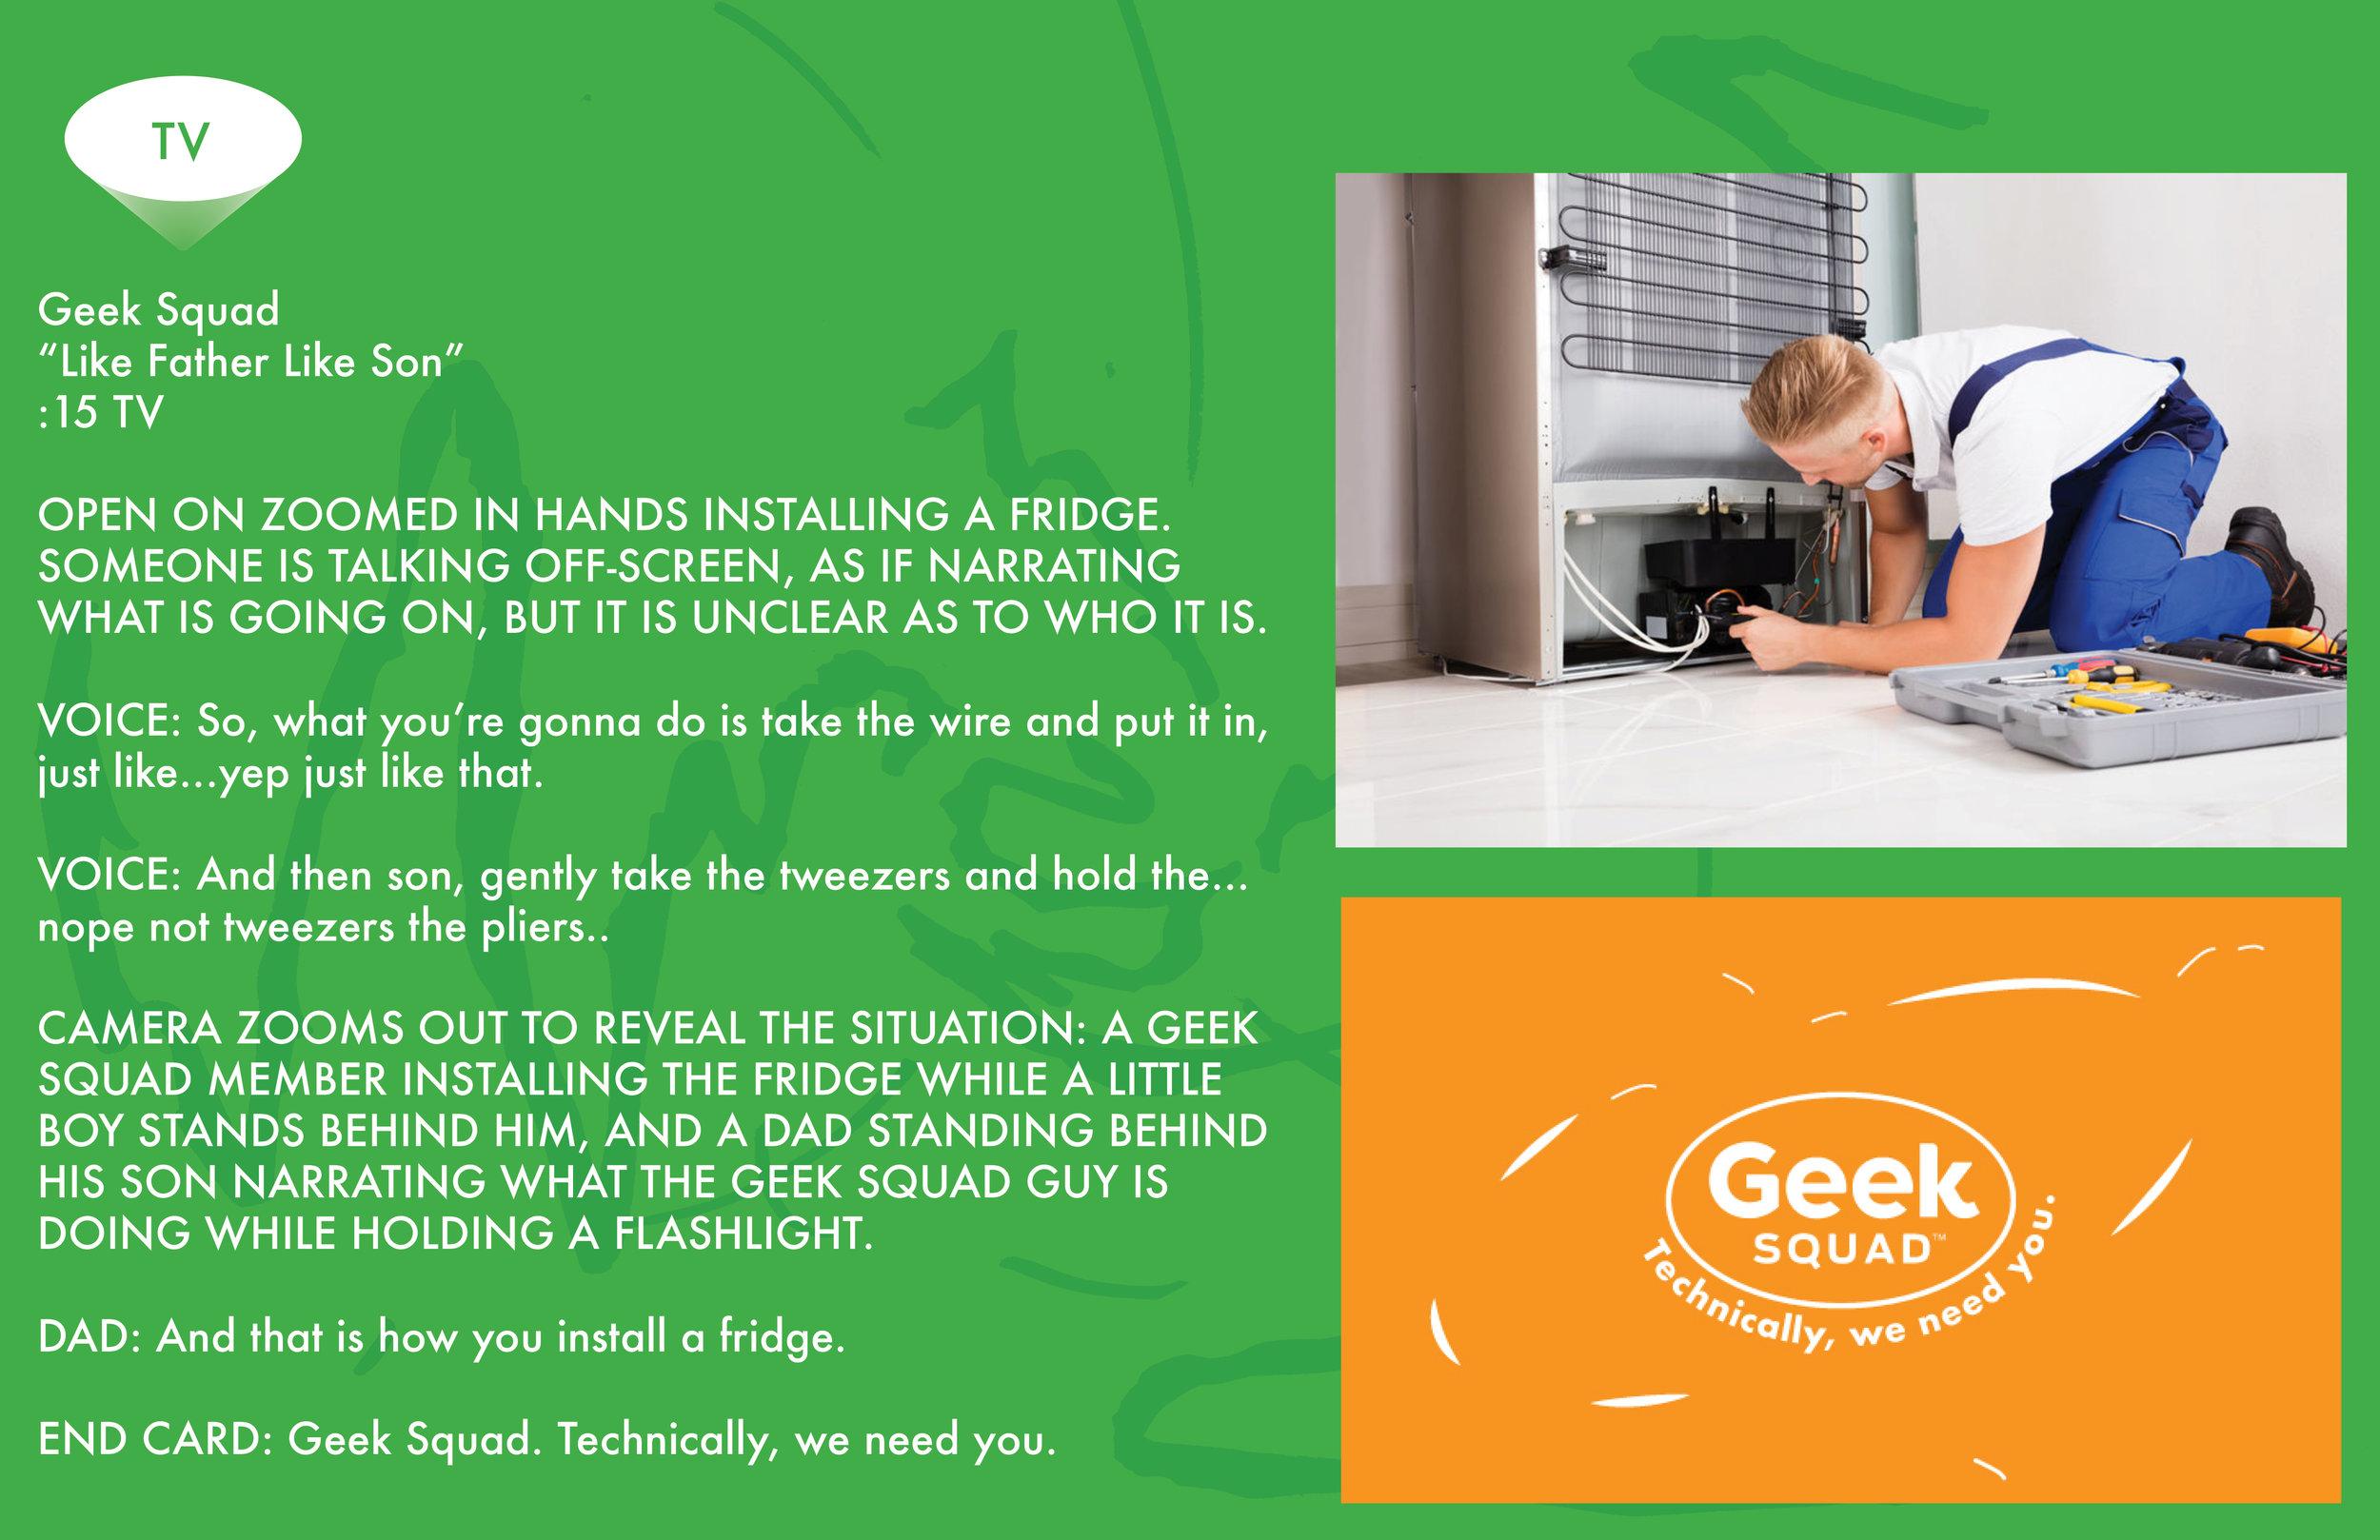 GS_deck2.jpg